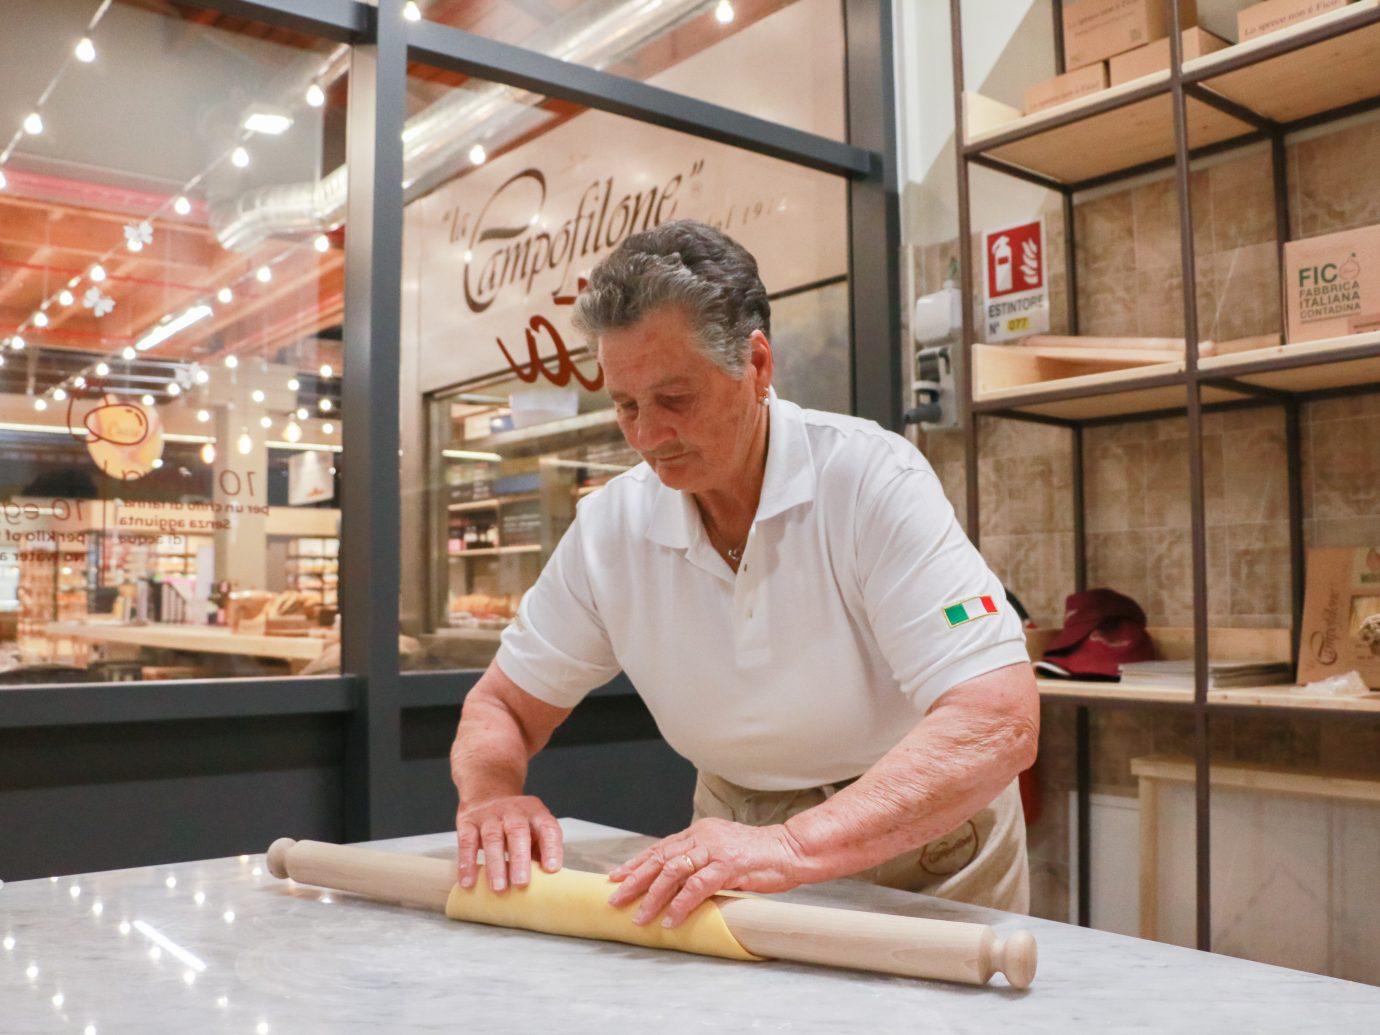 Making pasta at Eataly World